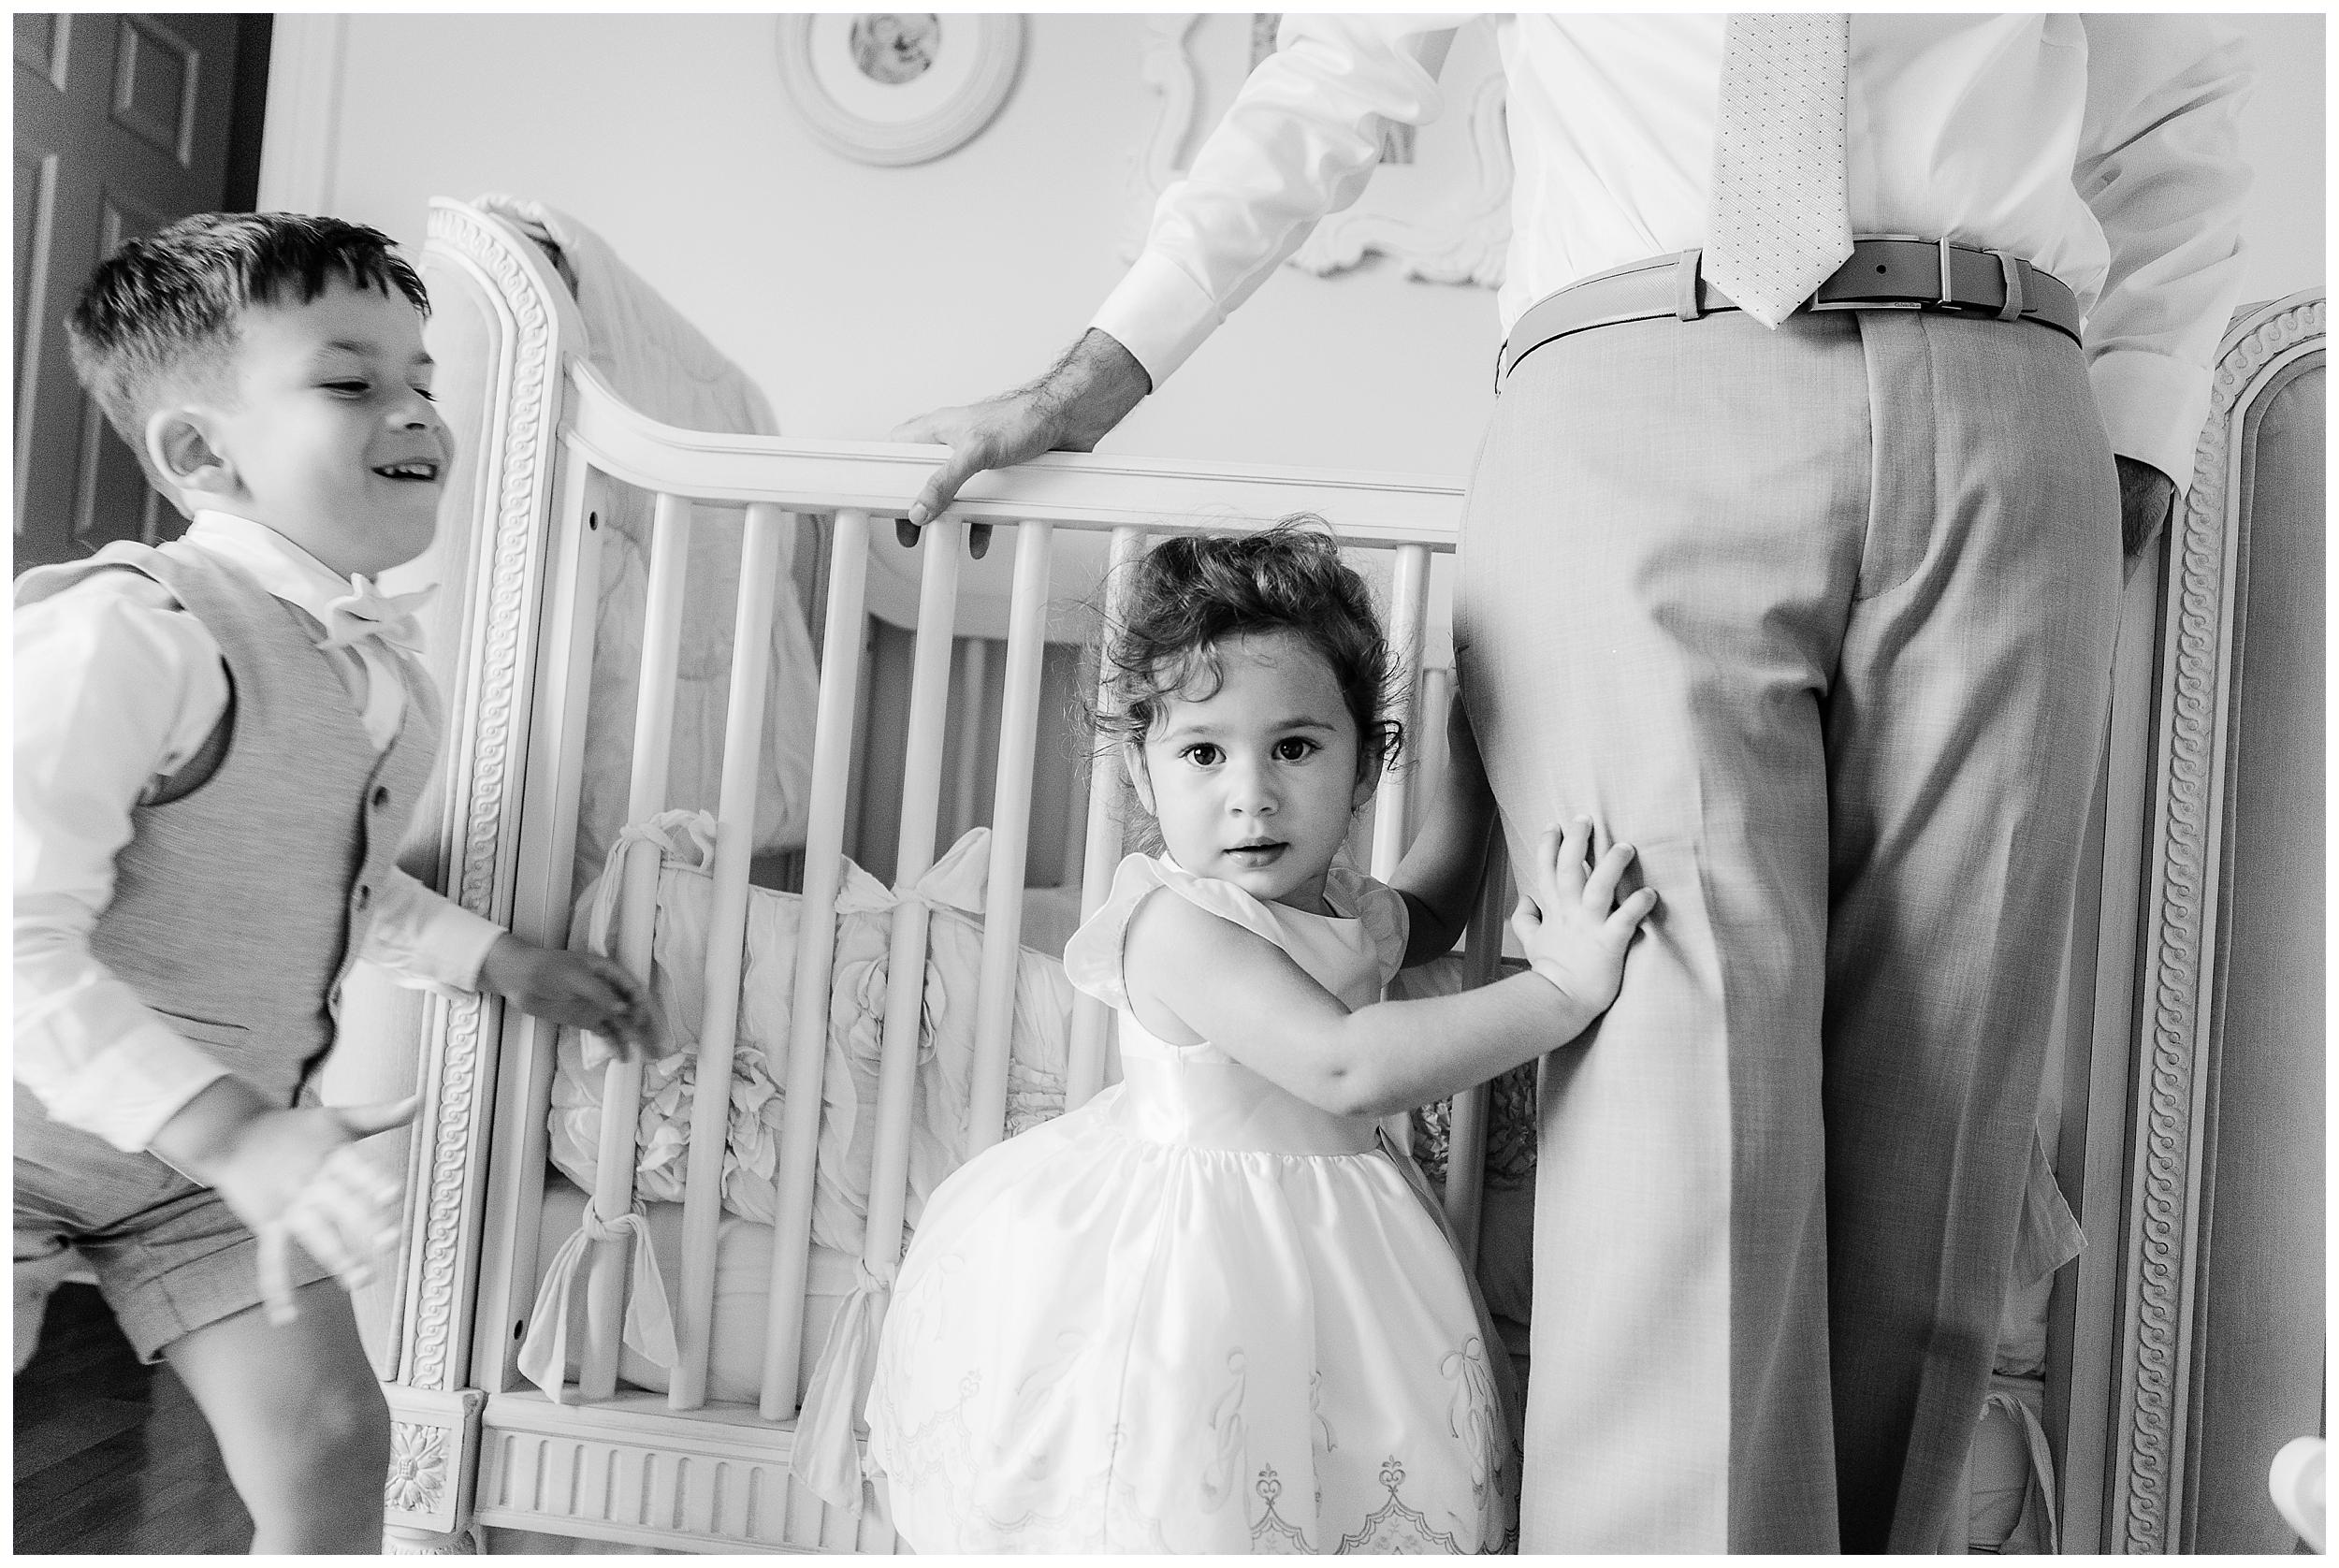 lexington-ky-family-lifestyle-photos-by-priscilla-baierlein_0387.jpg